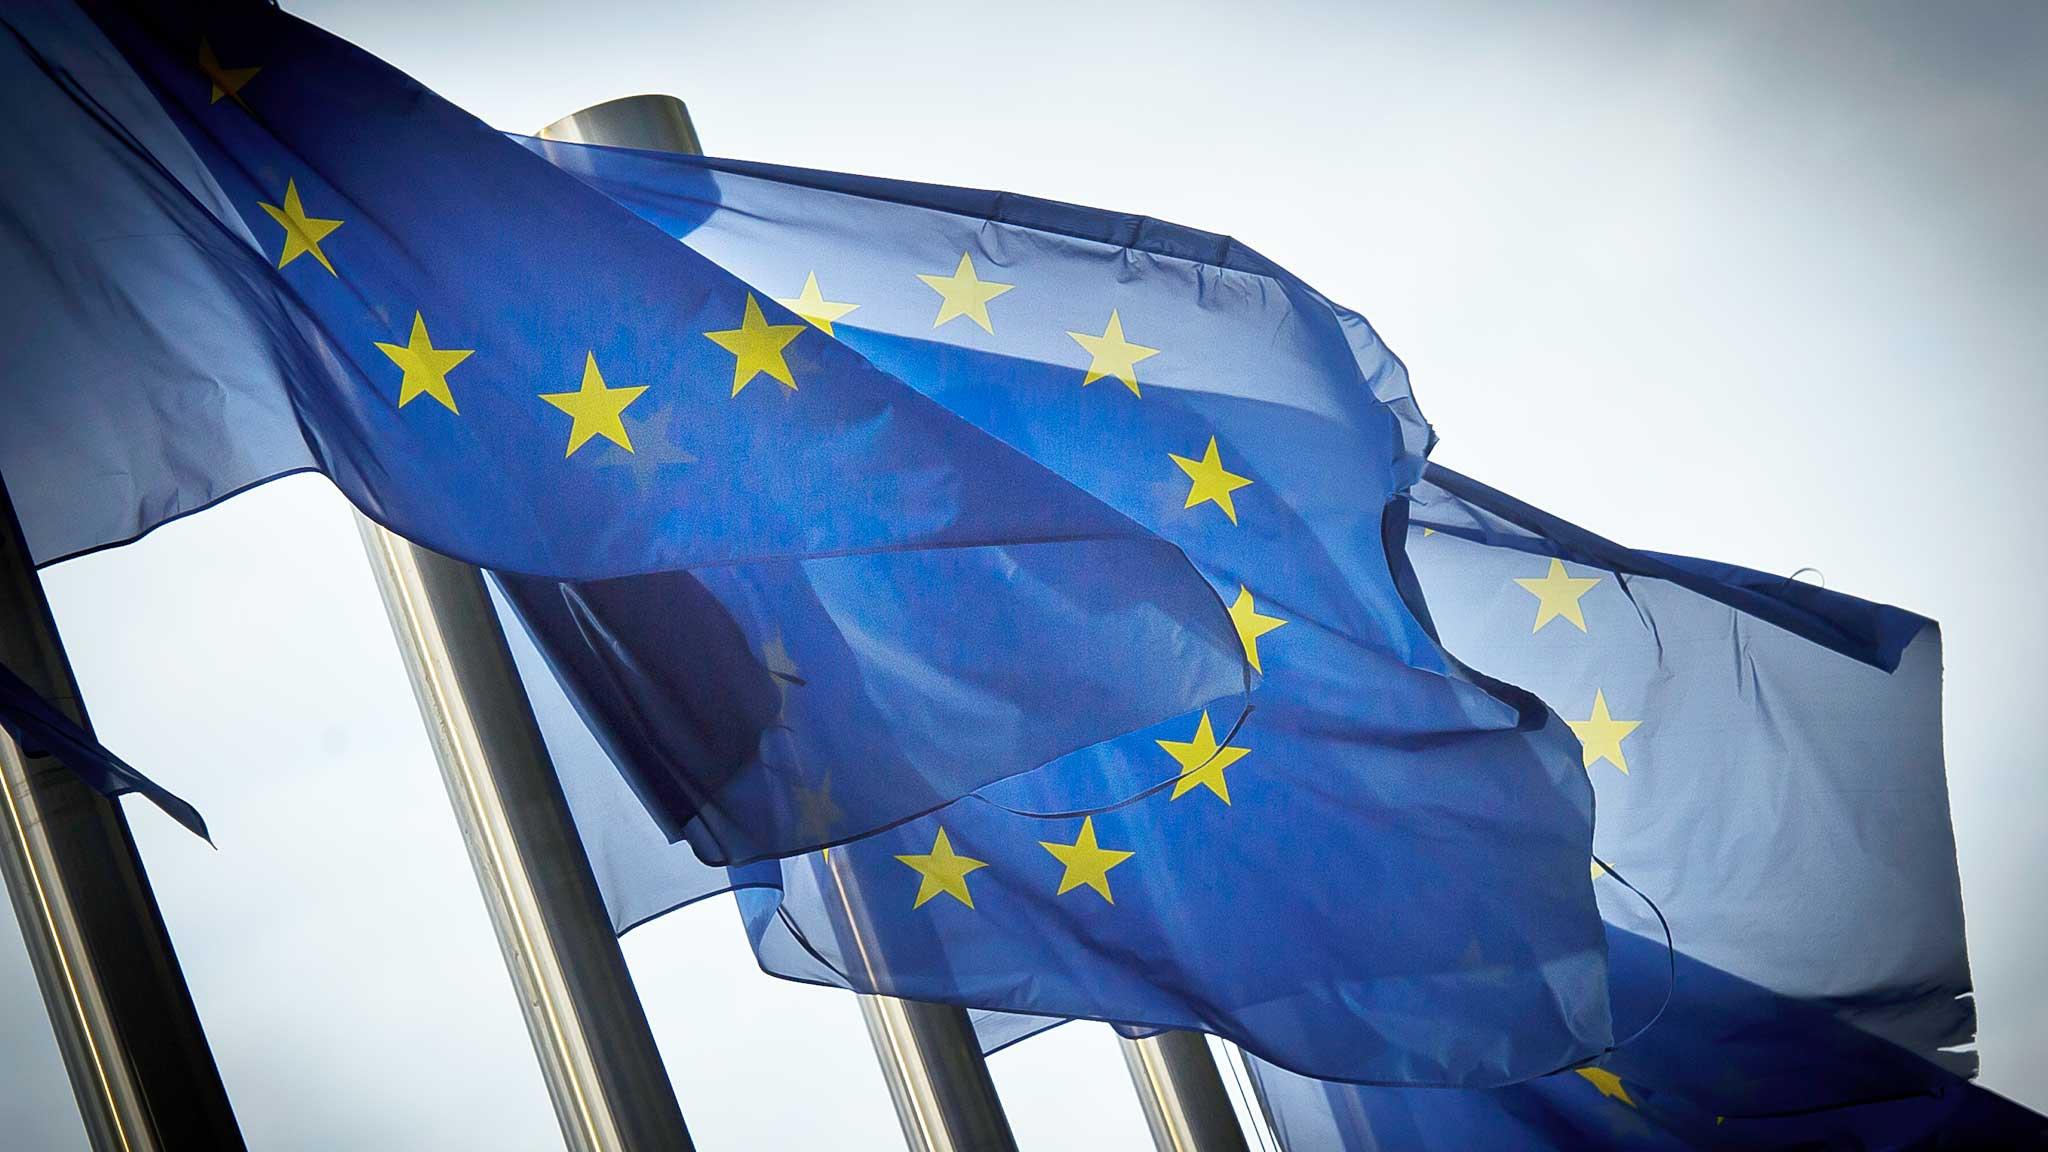 http://blogs.ft.com/the-world/files/2014/01/New-story-of-New-story-of-mas_EUParliamentBuilding_bl1.jpg